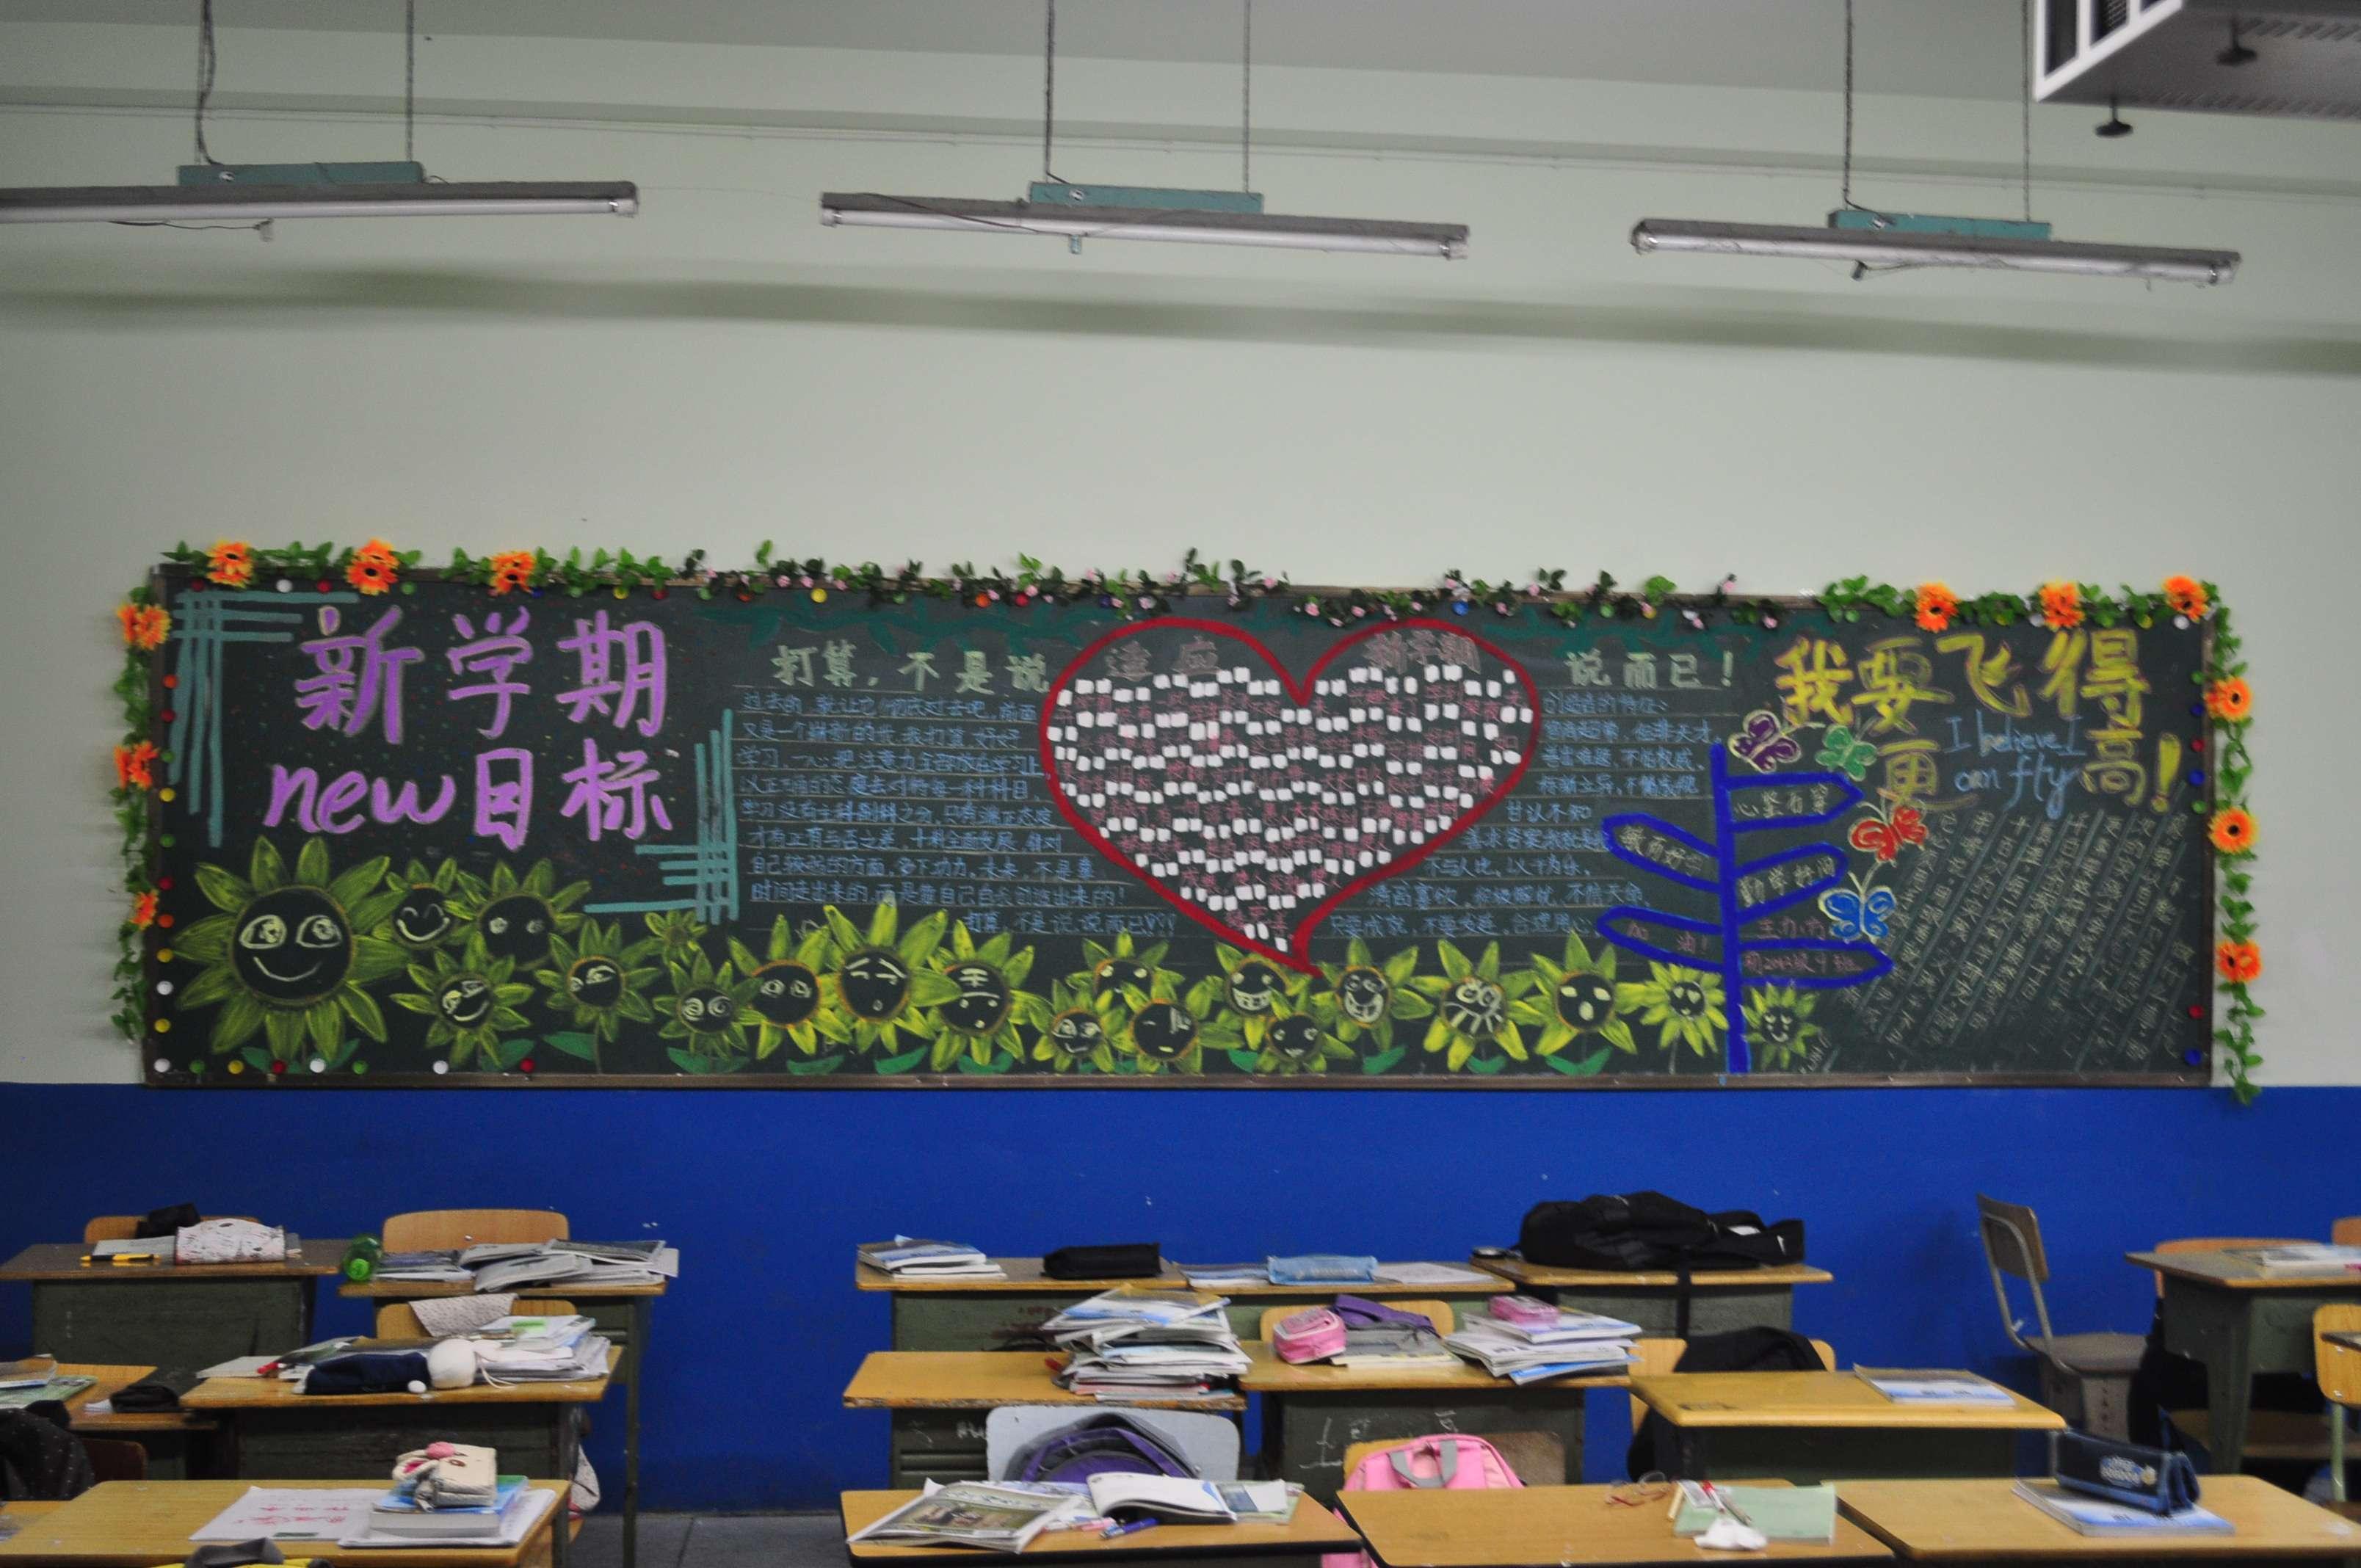 初二 9新学期黑板报 成都市盐道街外国语学校 三年级9班